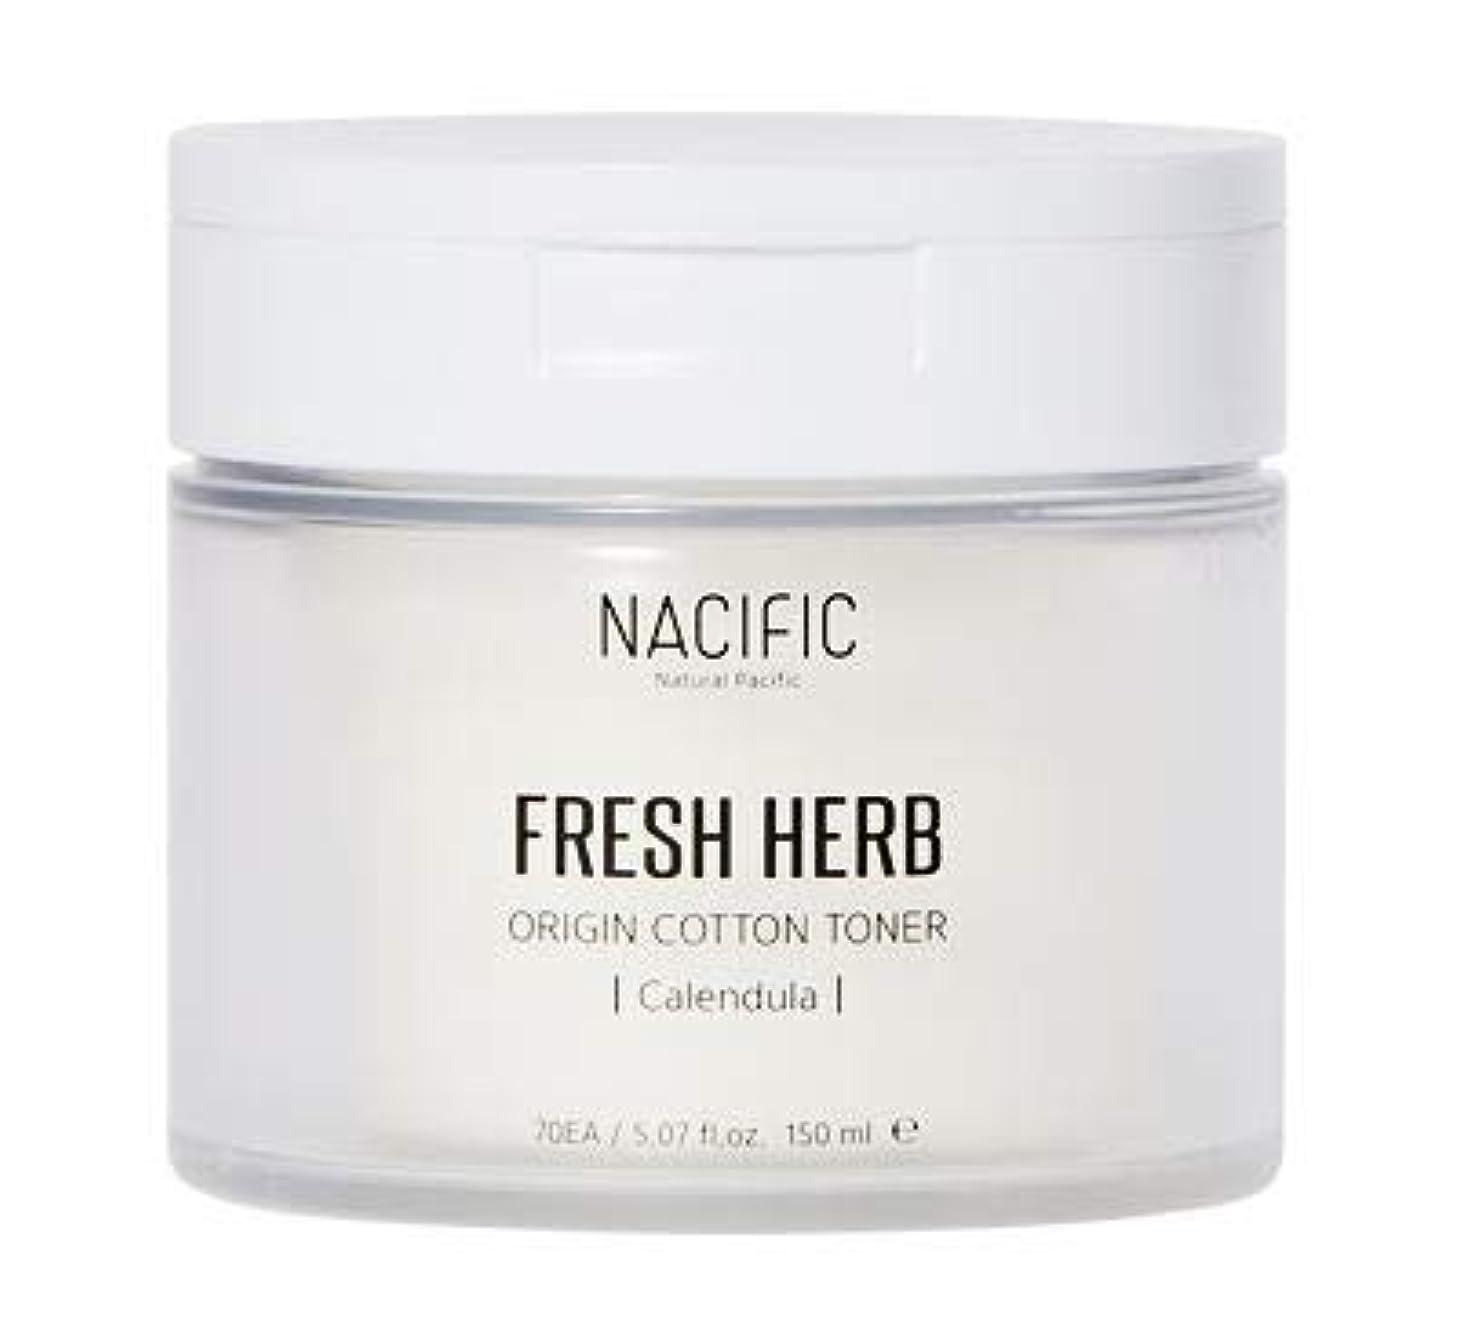 甘くする相対性理論シャツ[Nacific] Fresh Herb Origin Cotton Toner 150ml (Calendula) /[ナシフィック] フレッシュ ハーブ オリジン コットン トナー (カレンデュラ)150ml [並行輸入品]